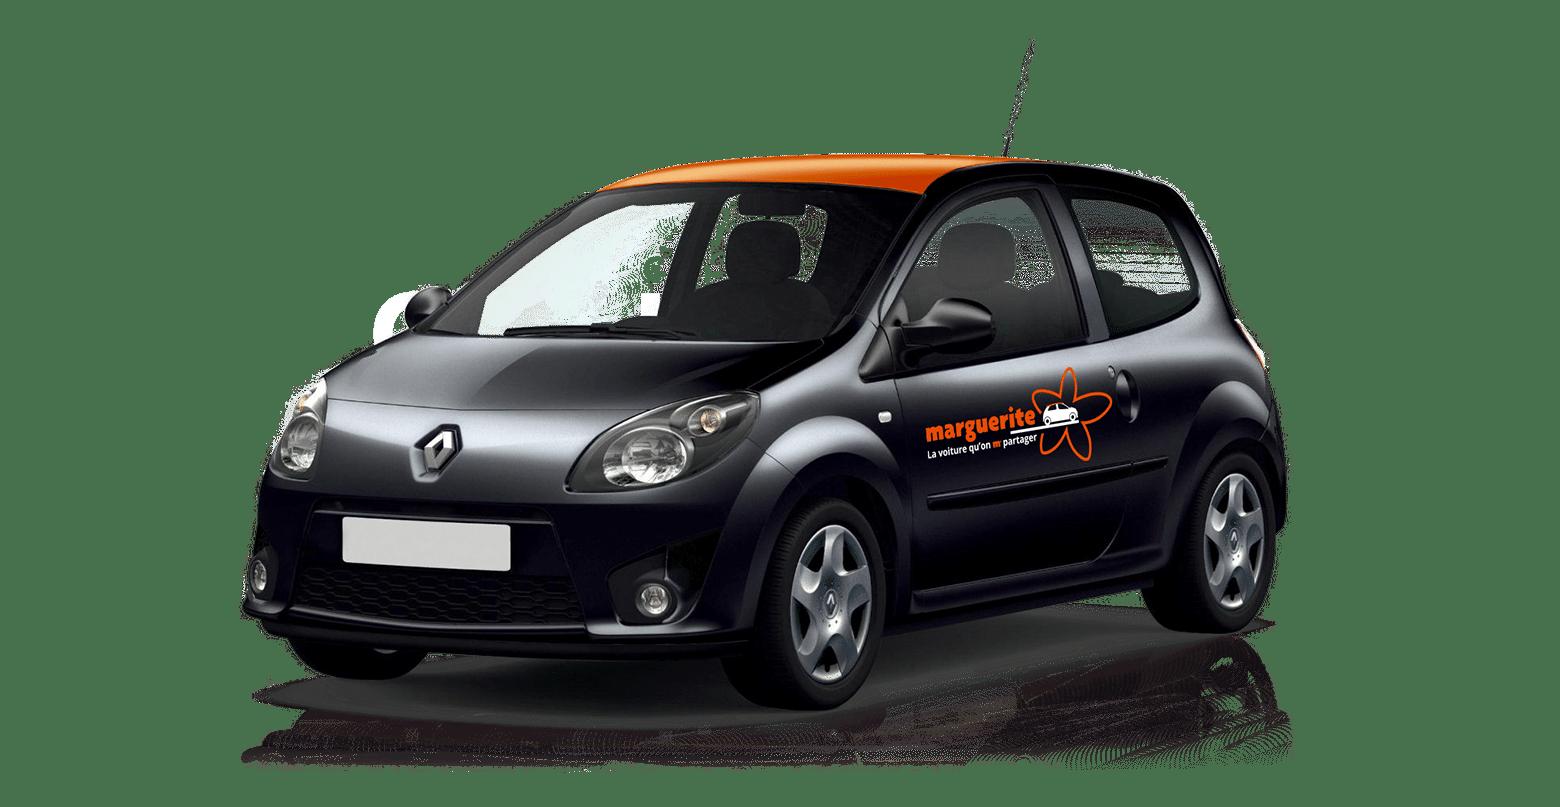 Marguerite carsharing vehicle